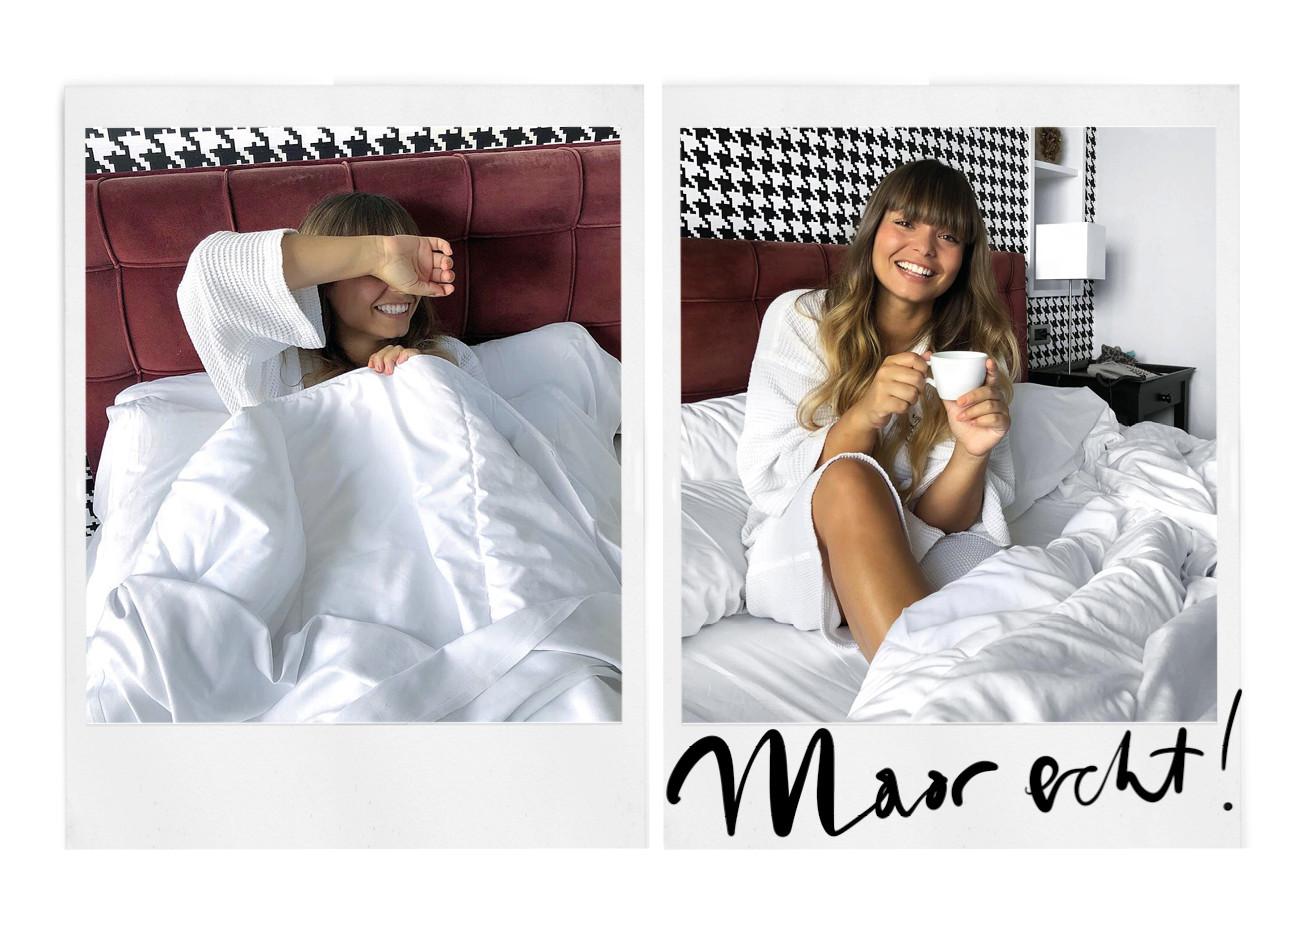 kiki lachend in bed met een kop koffie in badjas